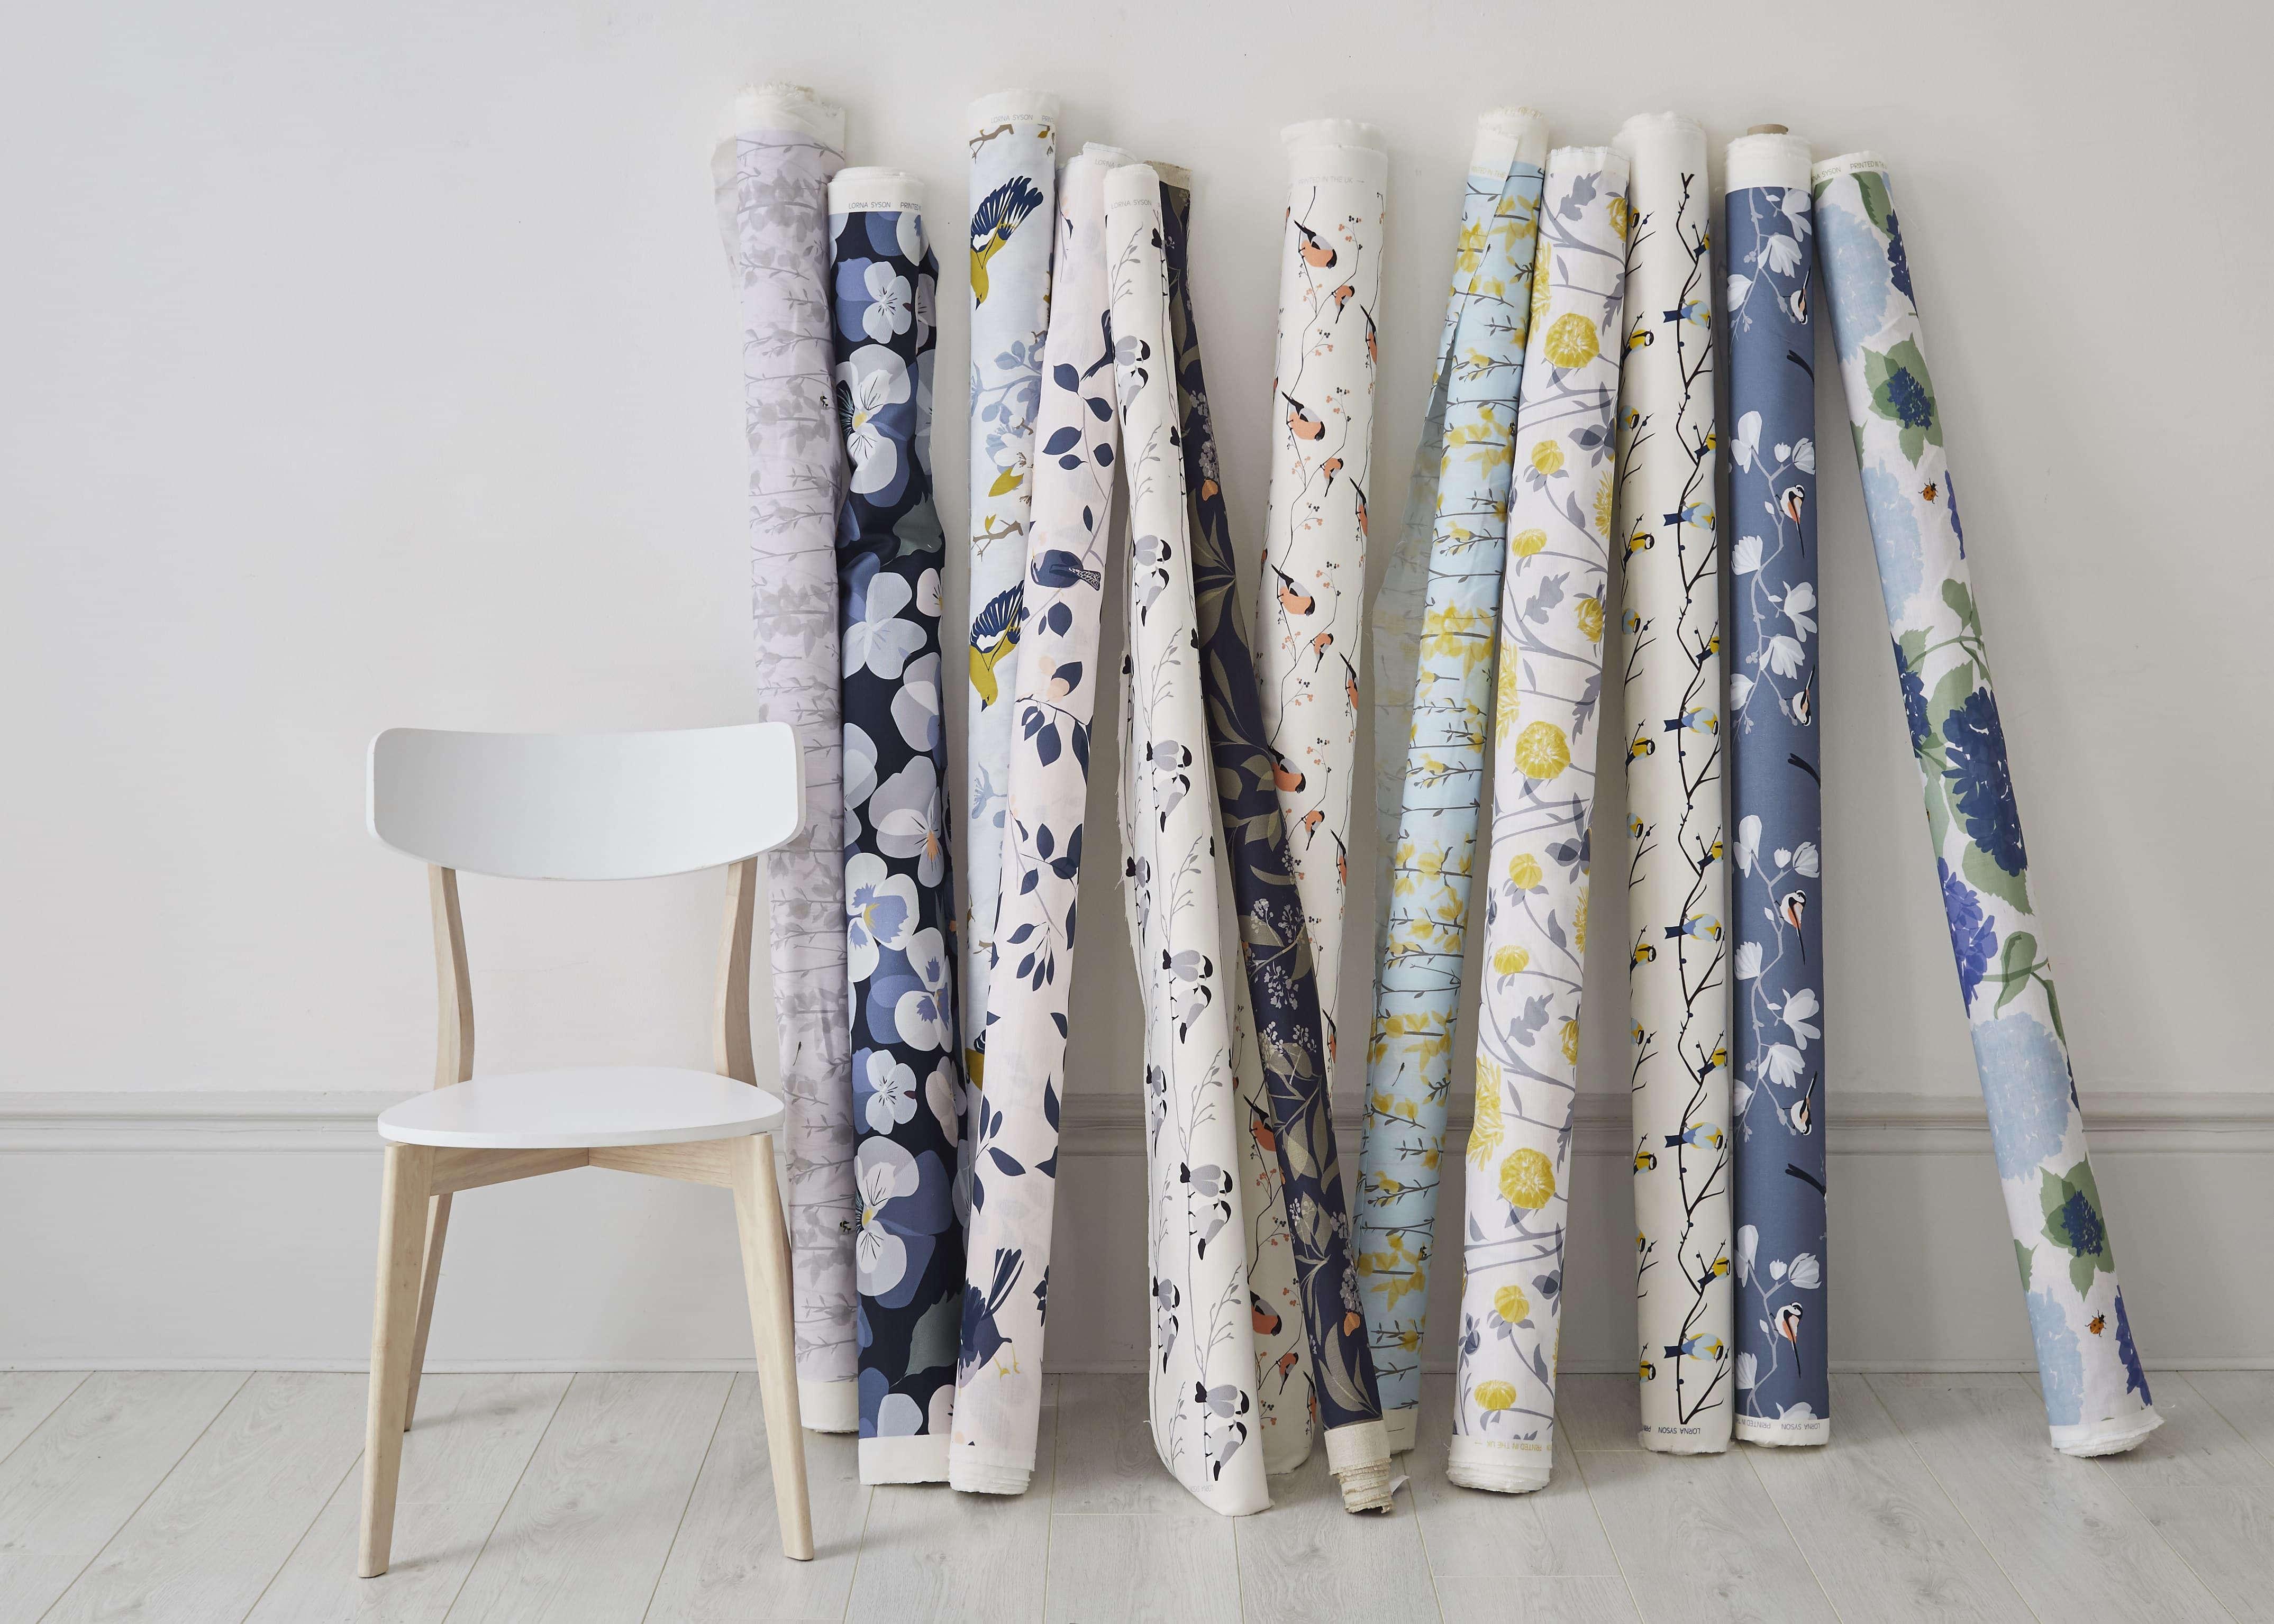 lorna syson fabrics